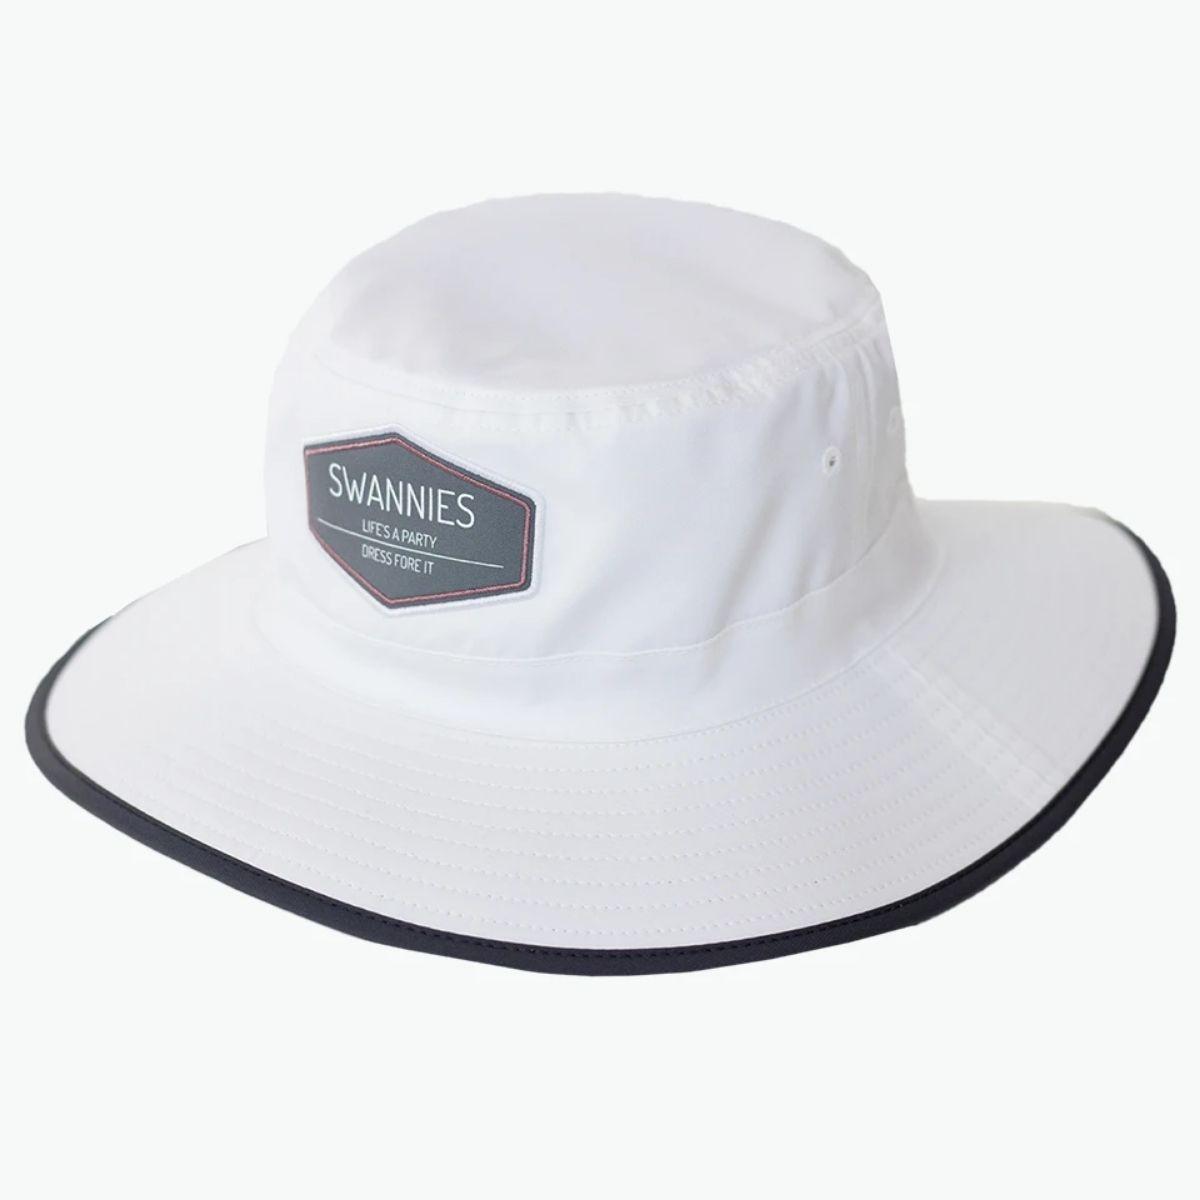 Swannies 2021 Bernie Bucket Hat